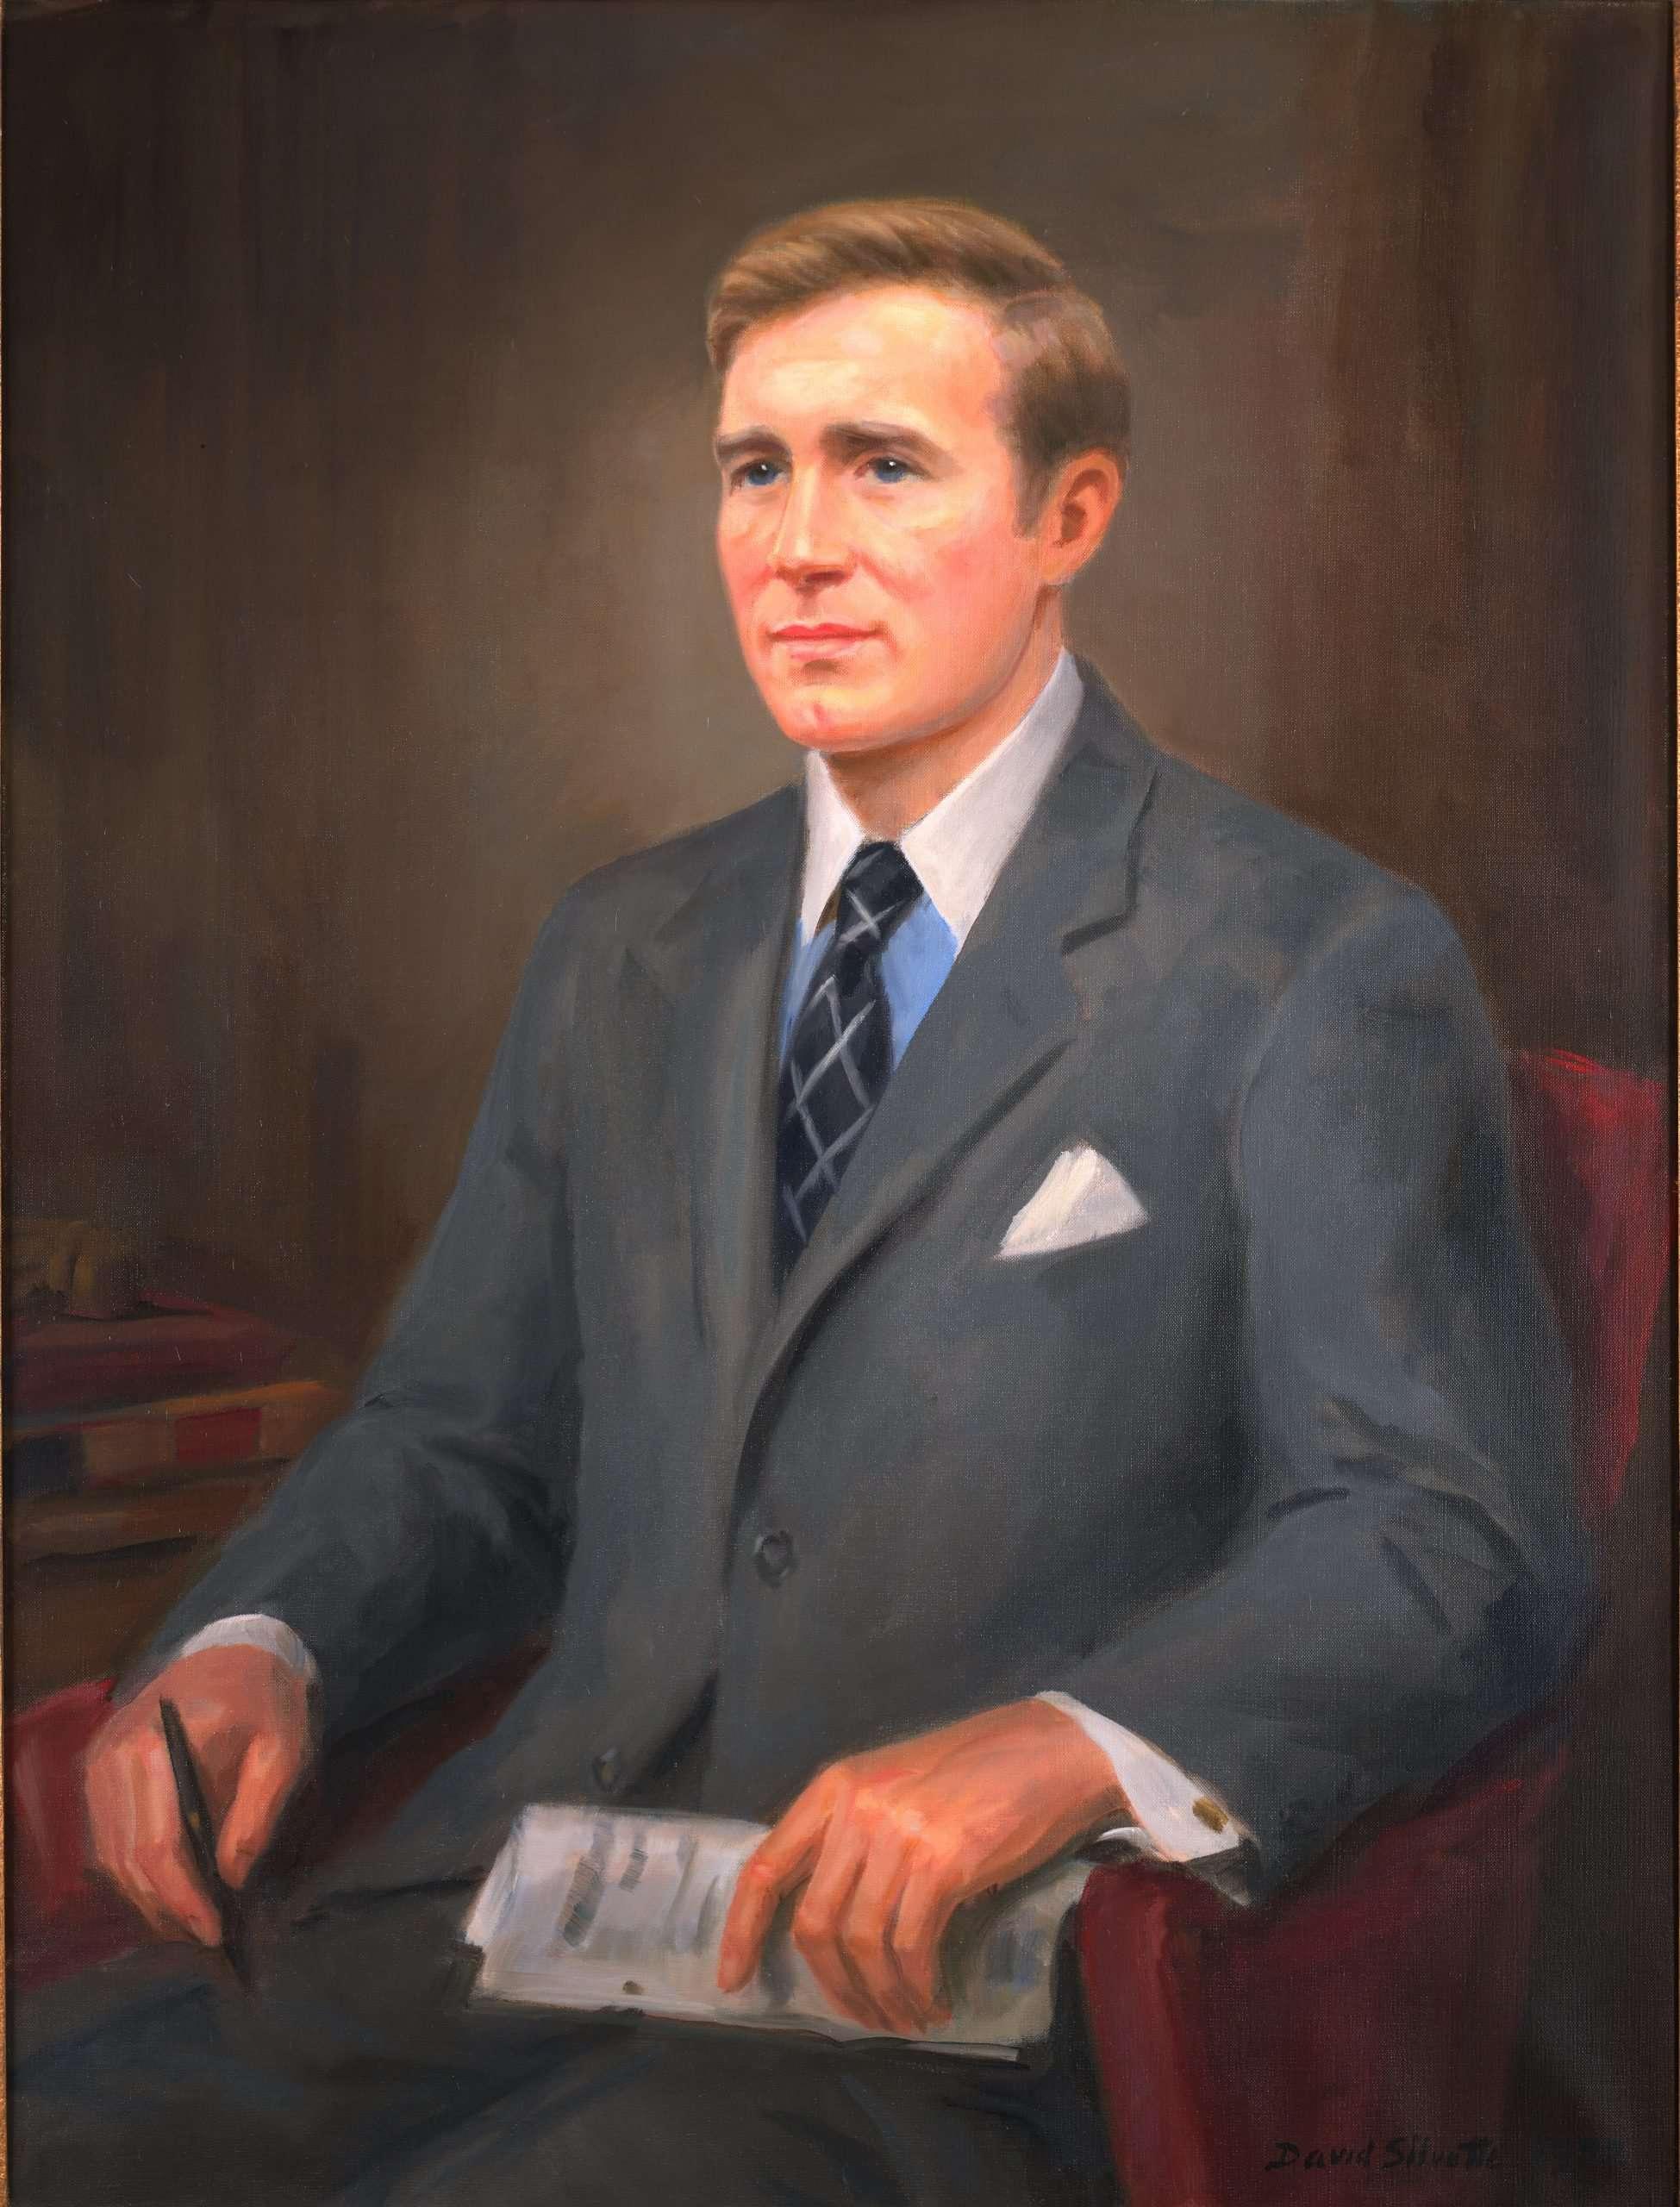 J. Sargeant Reynolds